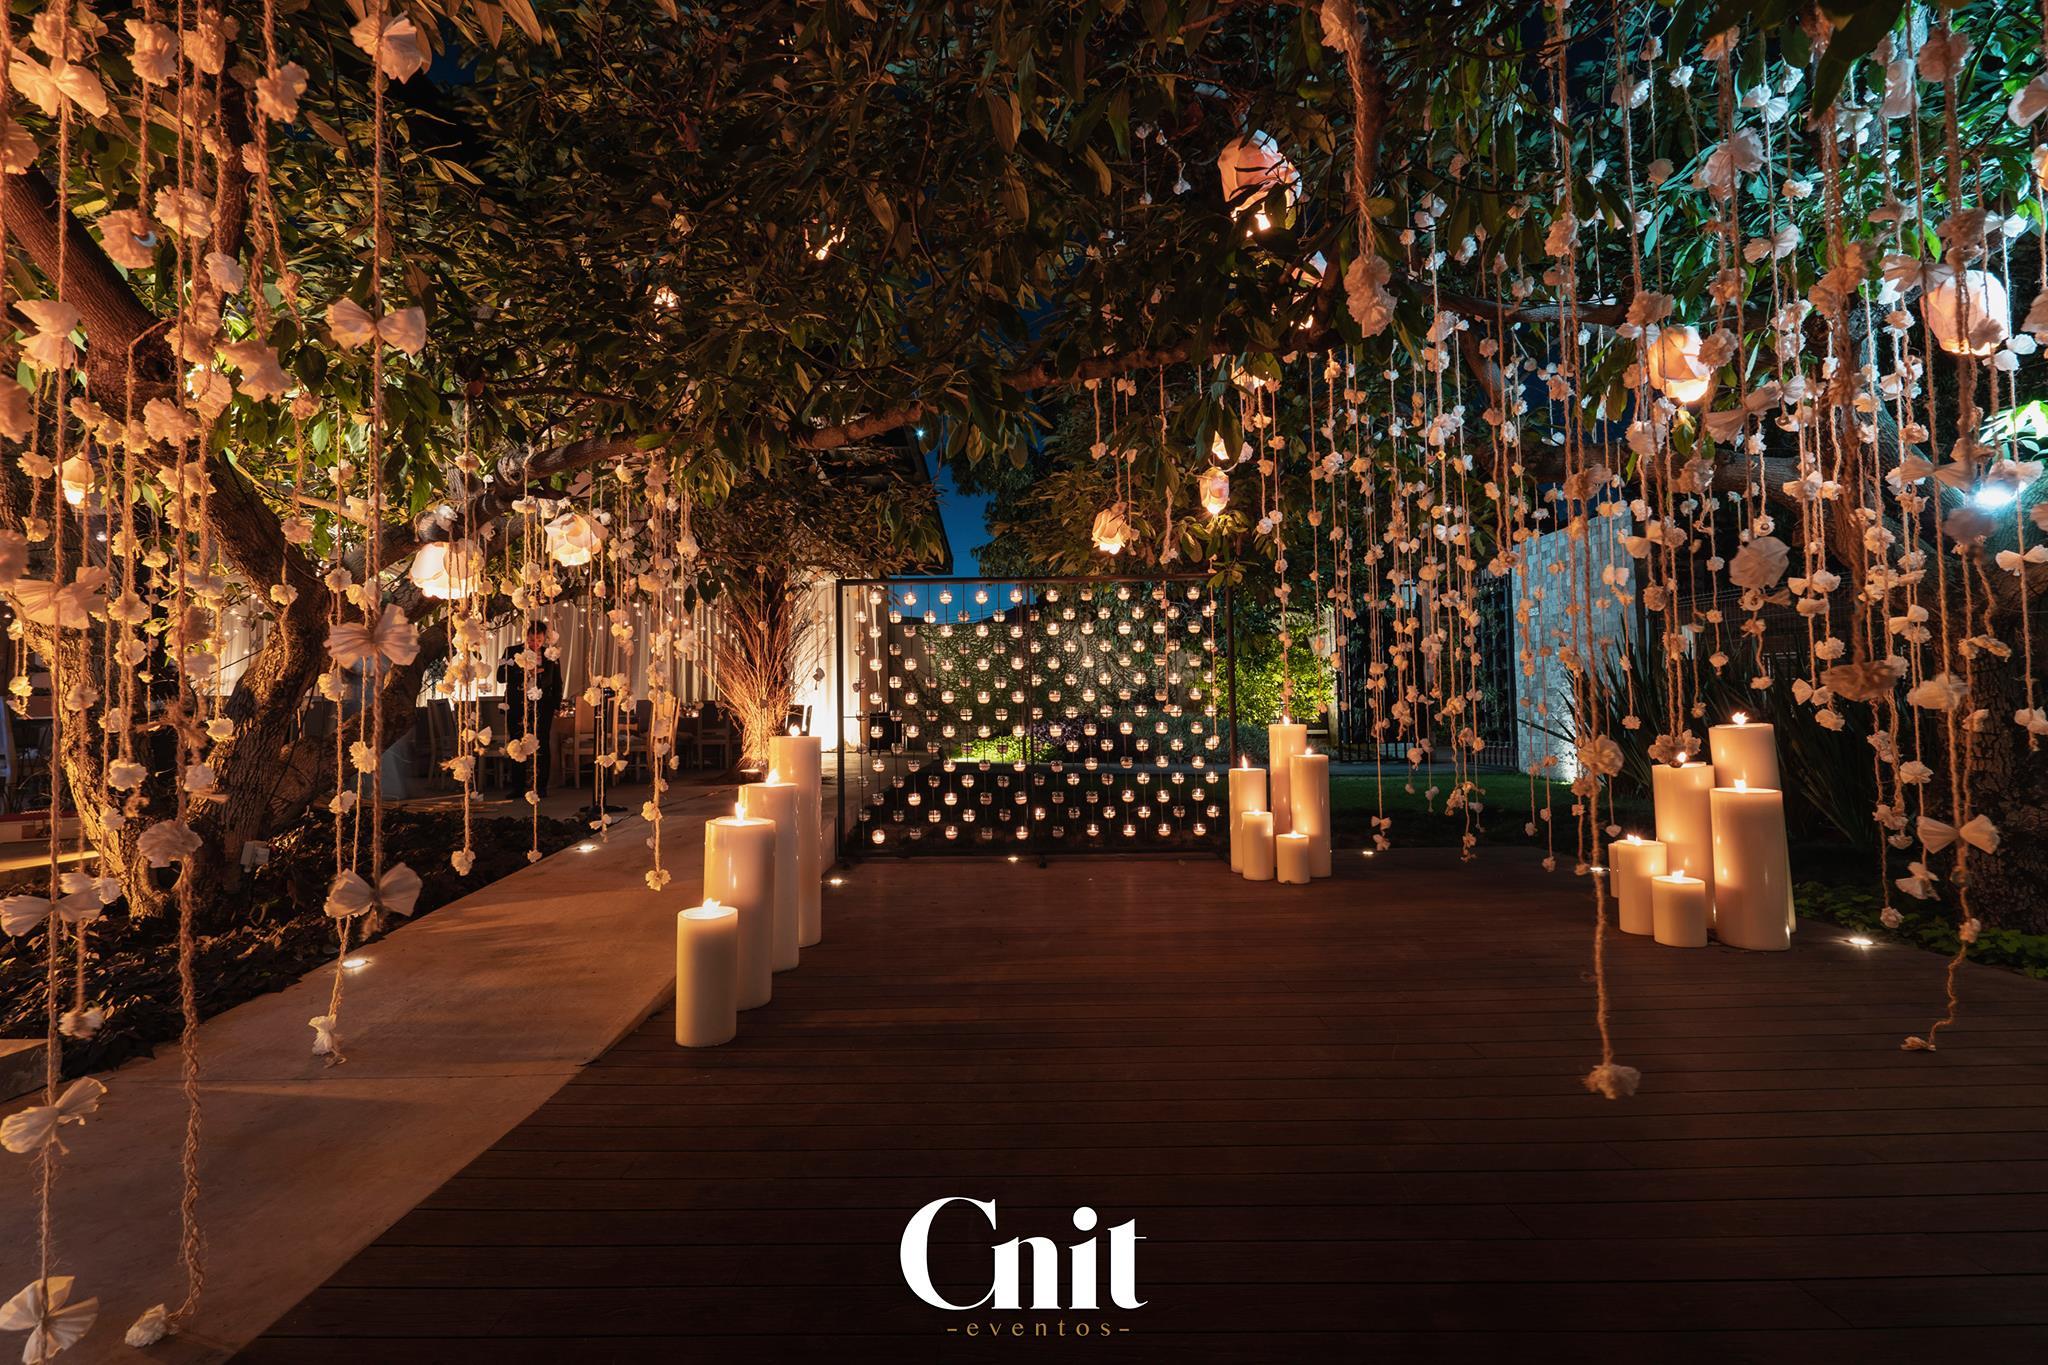 Imagen 4 del espacio Cnit en Guadalajara, México